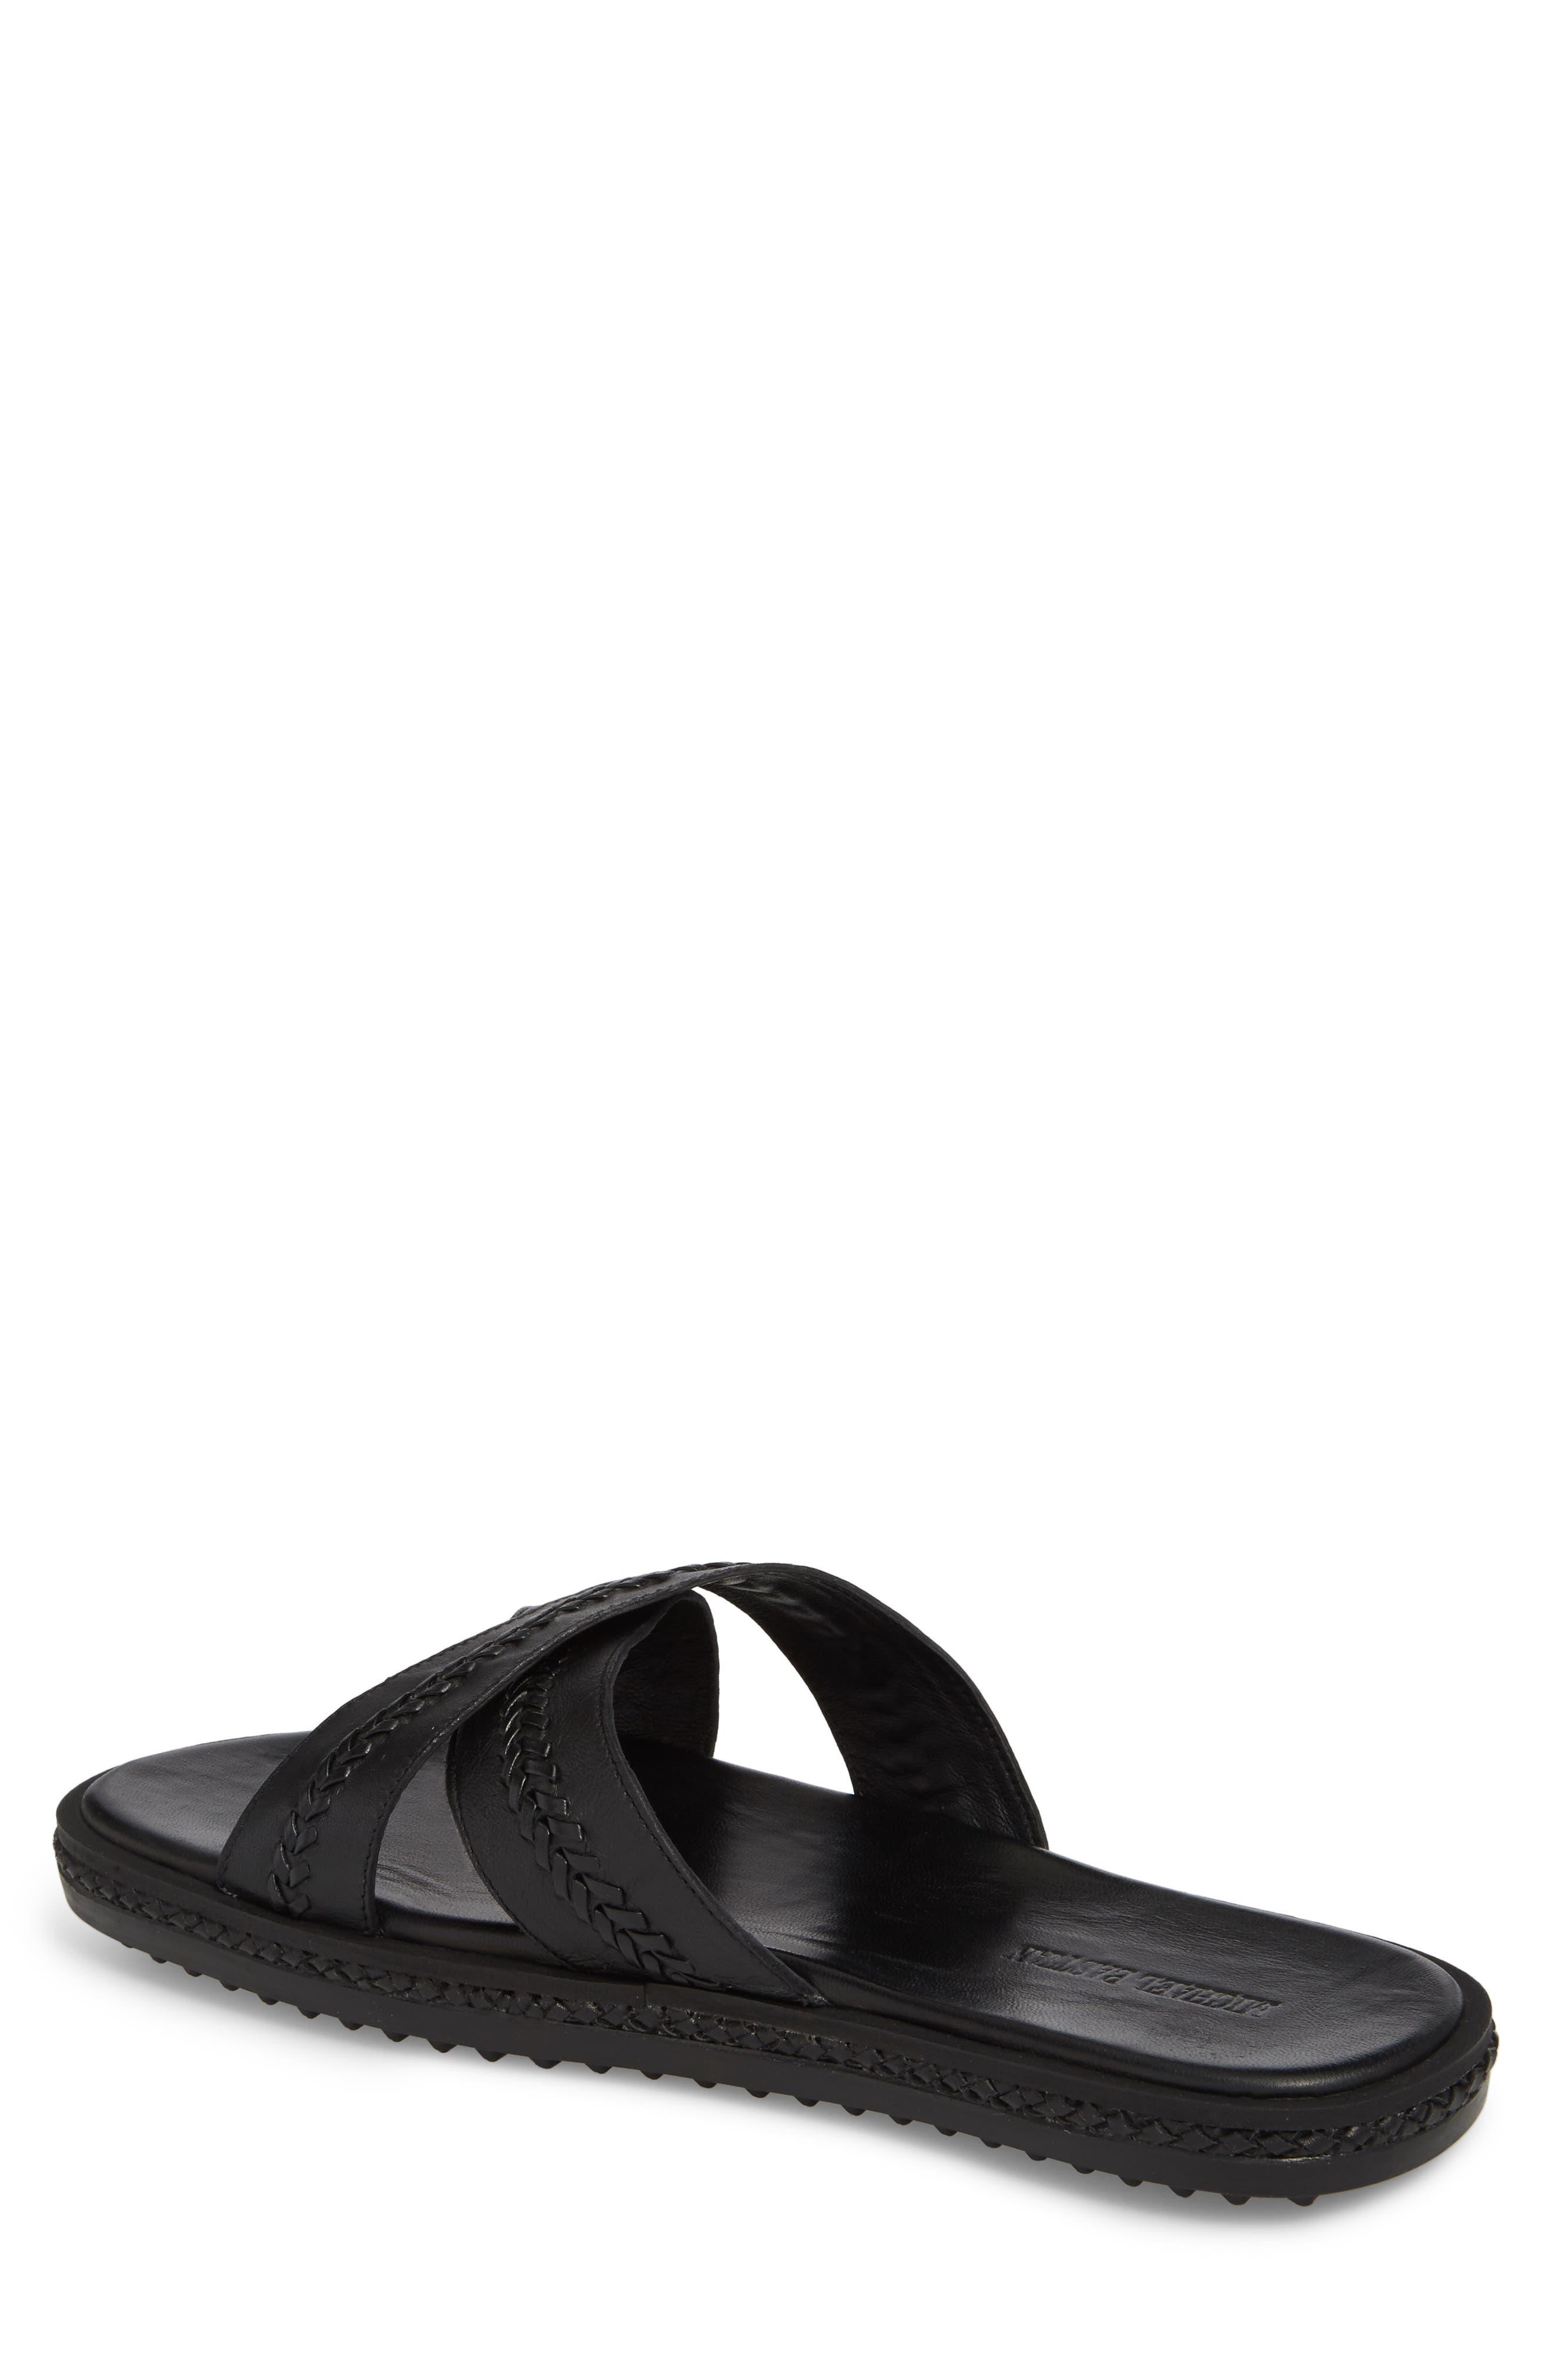 Woven Cross Strap Slide Sandal,                             Alternate thumbnail 2, color,                             Black Leather